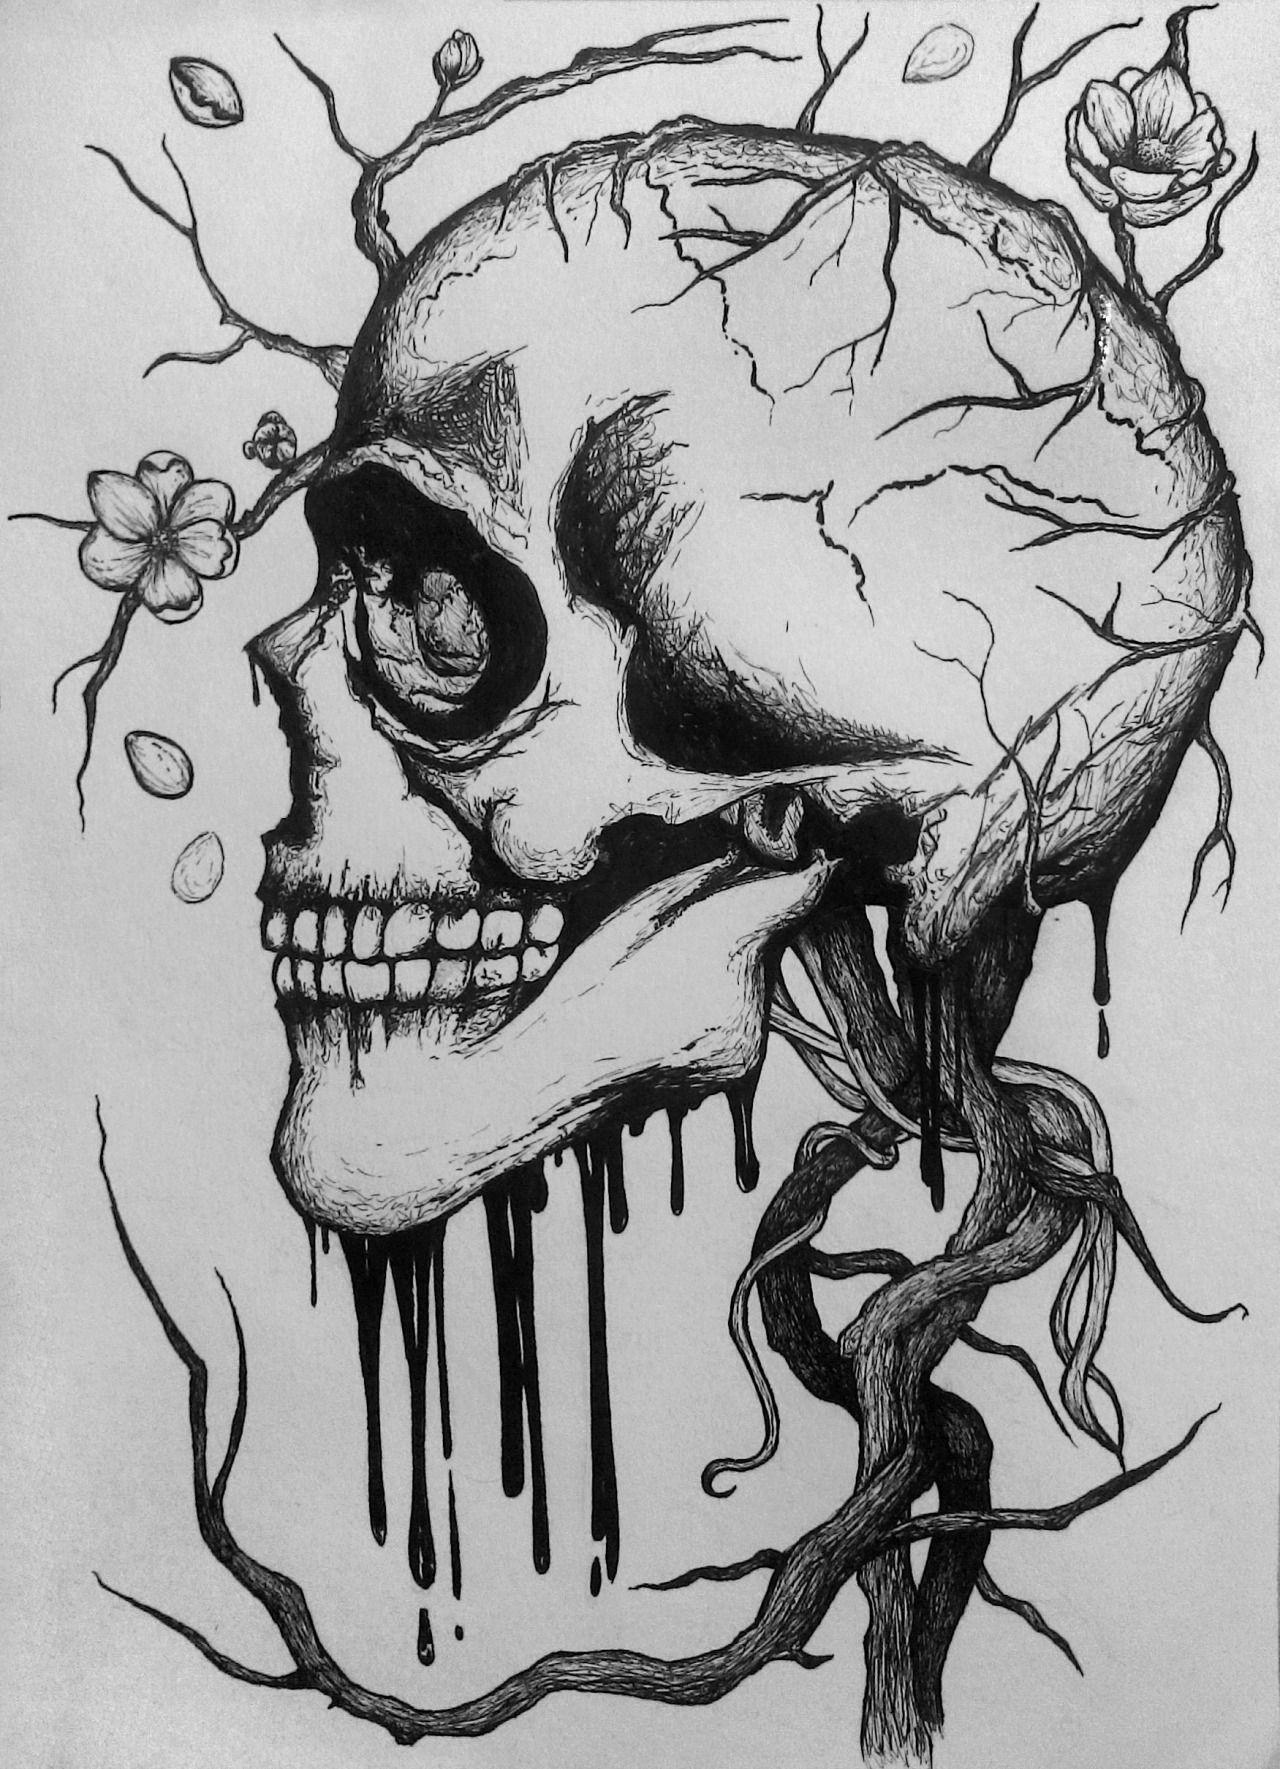 Pin de Beto Neto en Follow my Skeletons | Pinterest | Boceto de ...